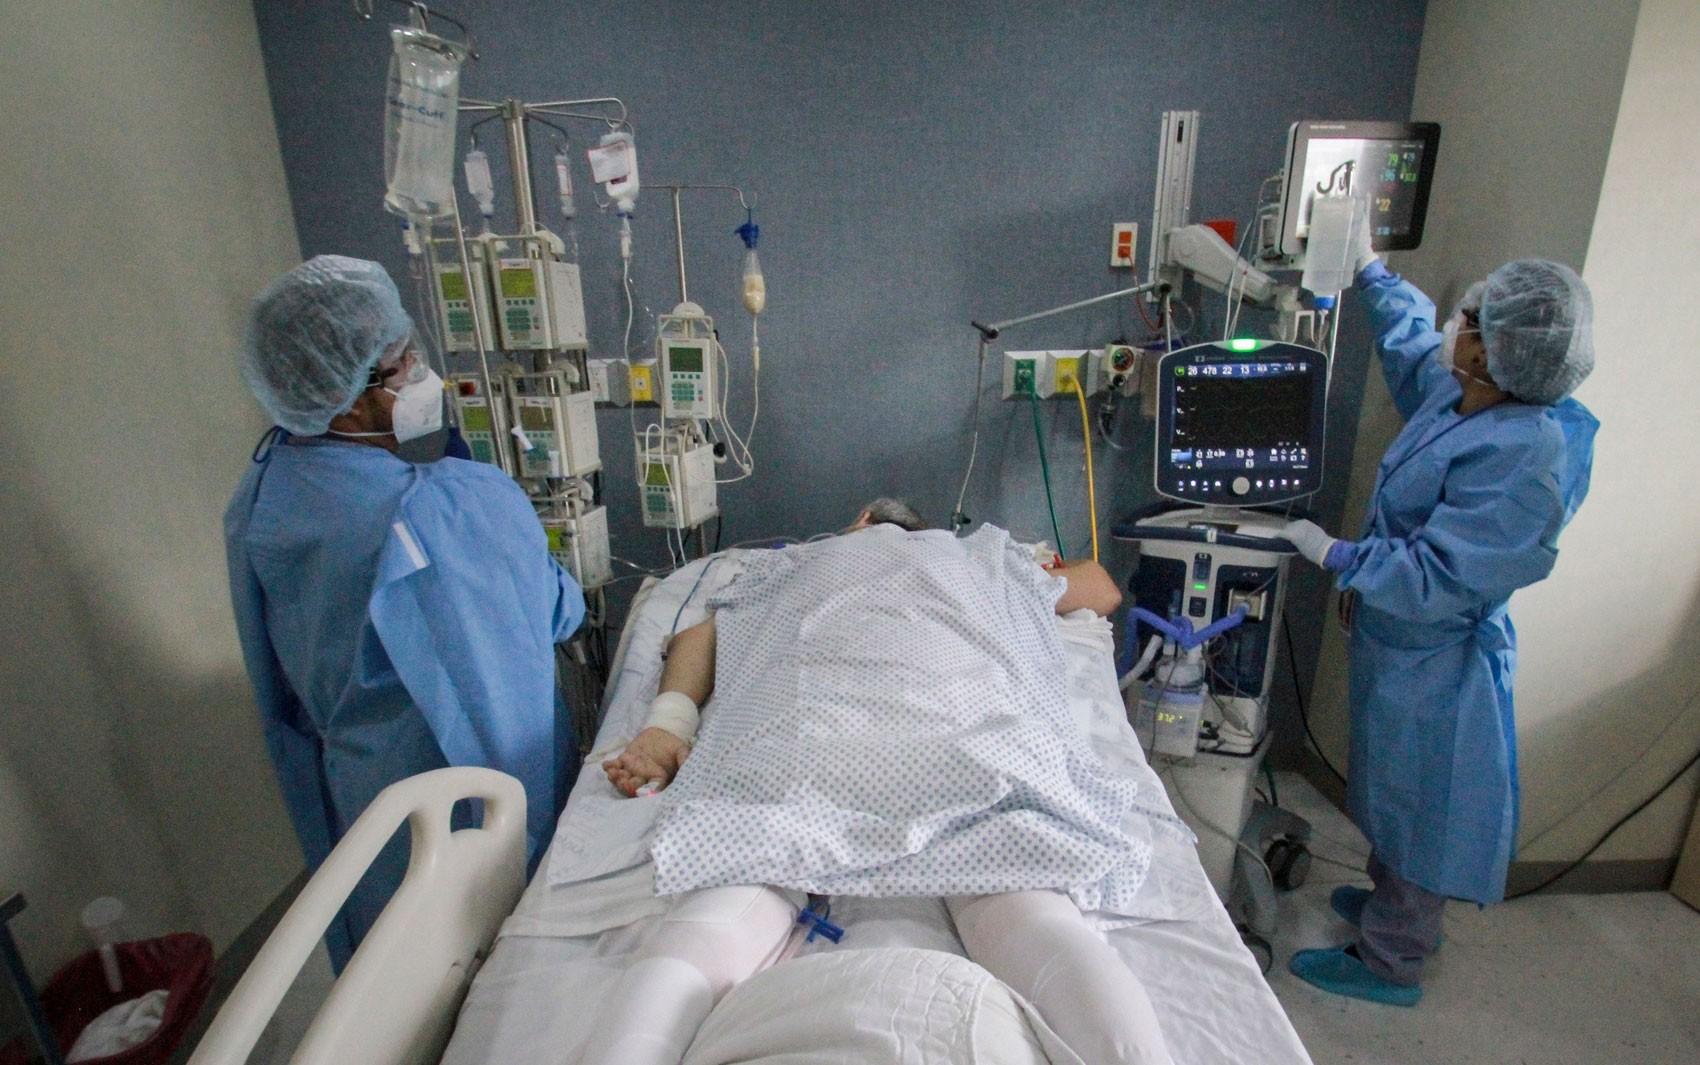 México alcança novo máximo de contágios por Covid-19 em 24 horas